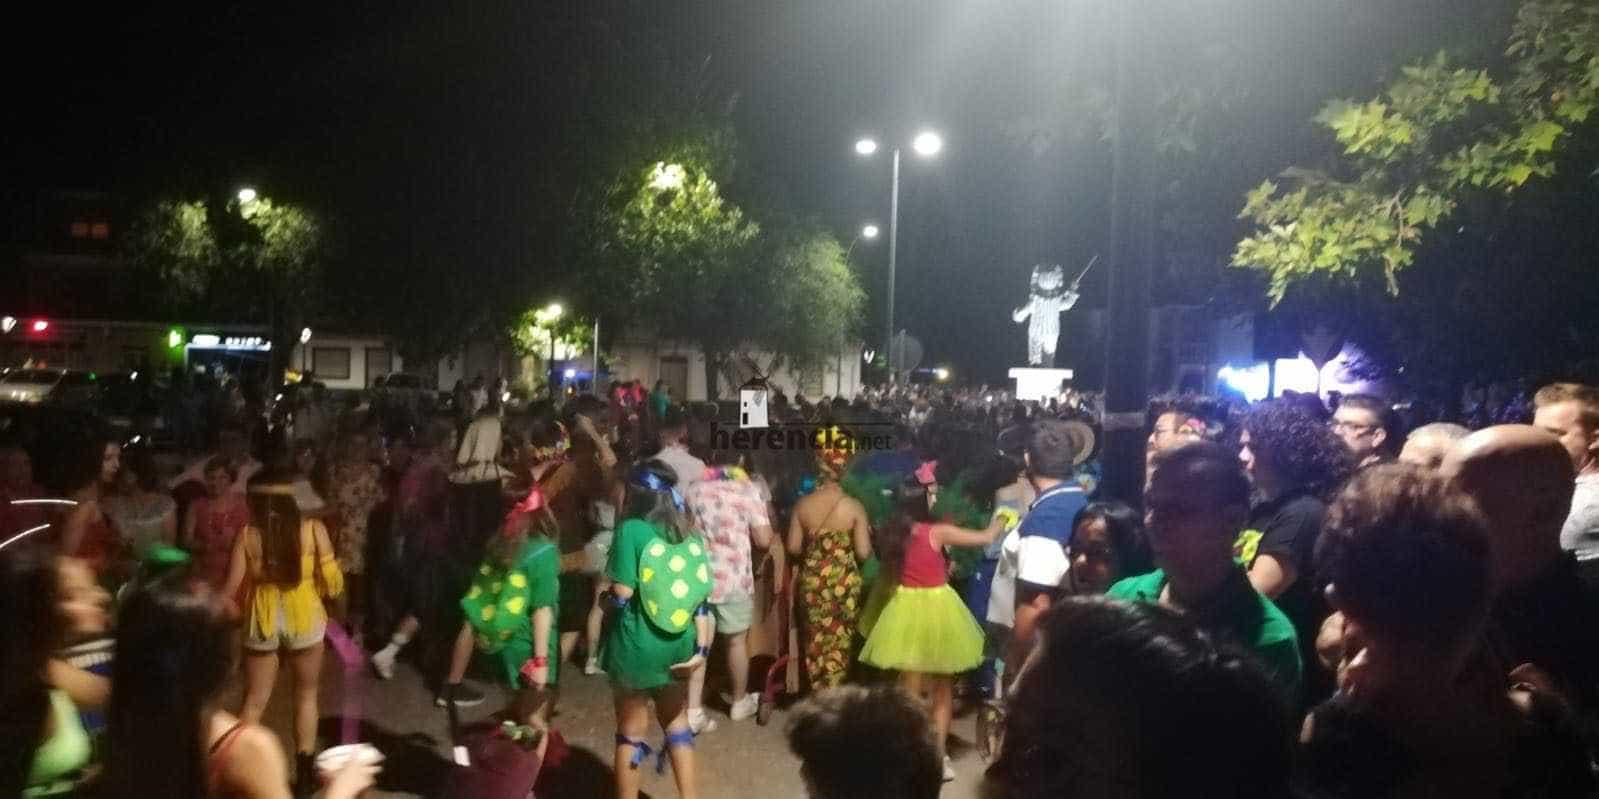 Carnaval de herencia 2019 galeria 3 - Galería de fotografías del Carnaval de Verano 2019